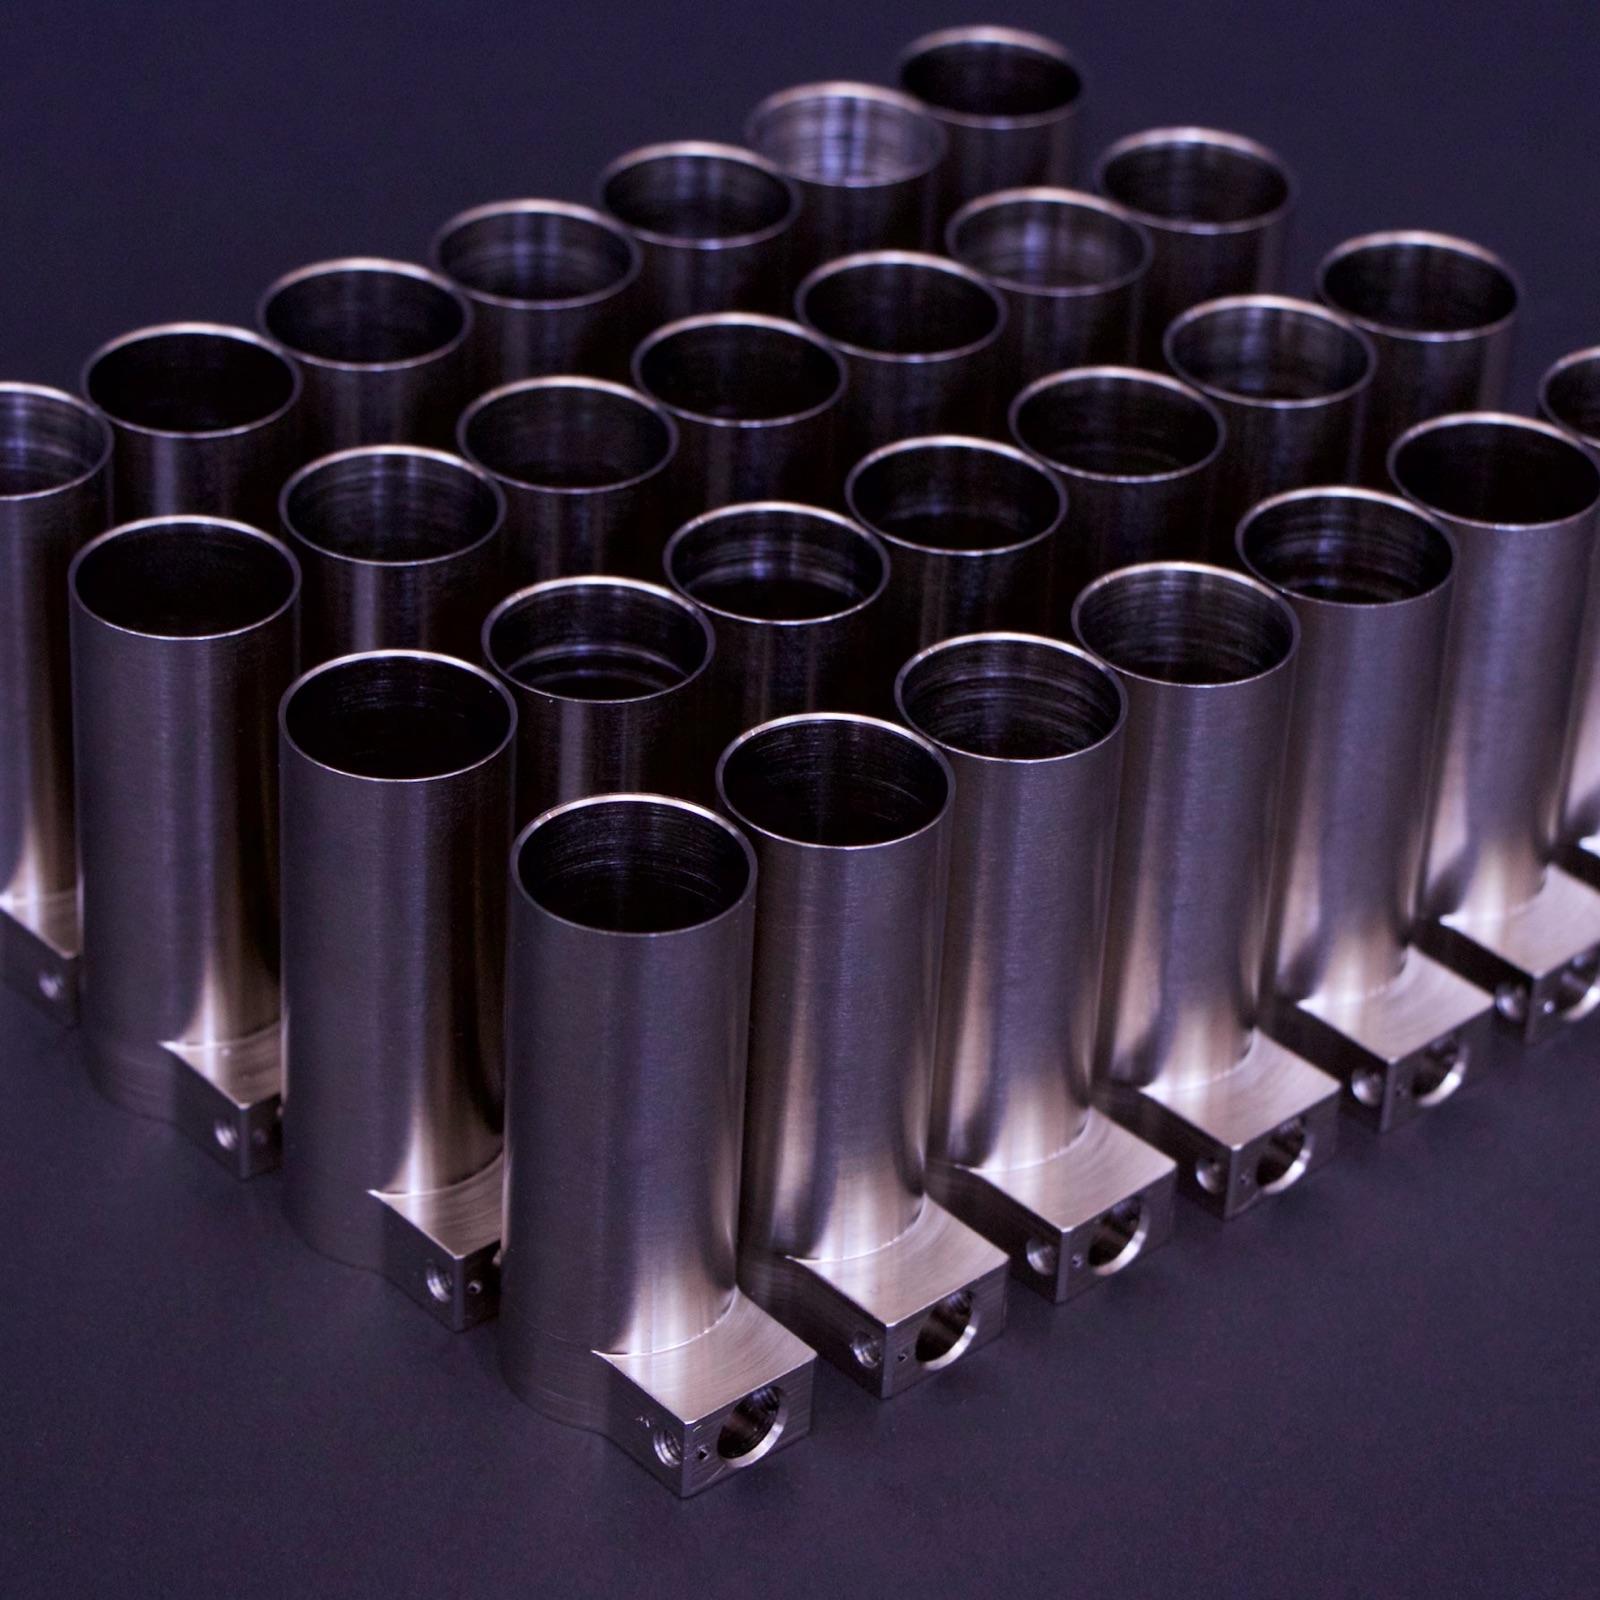 CNC coil cans